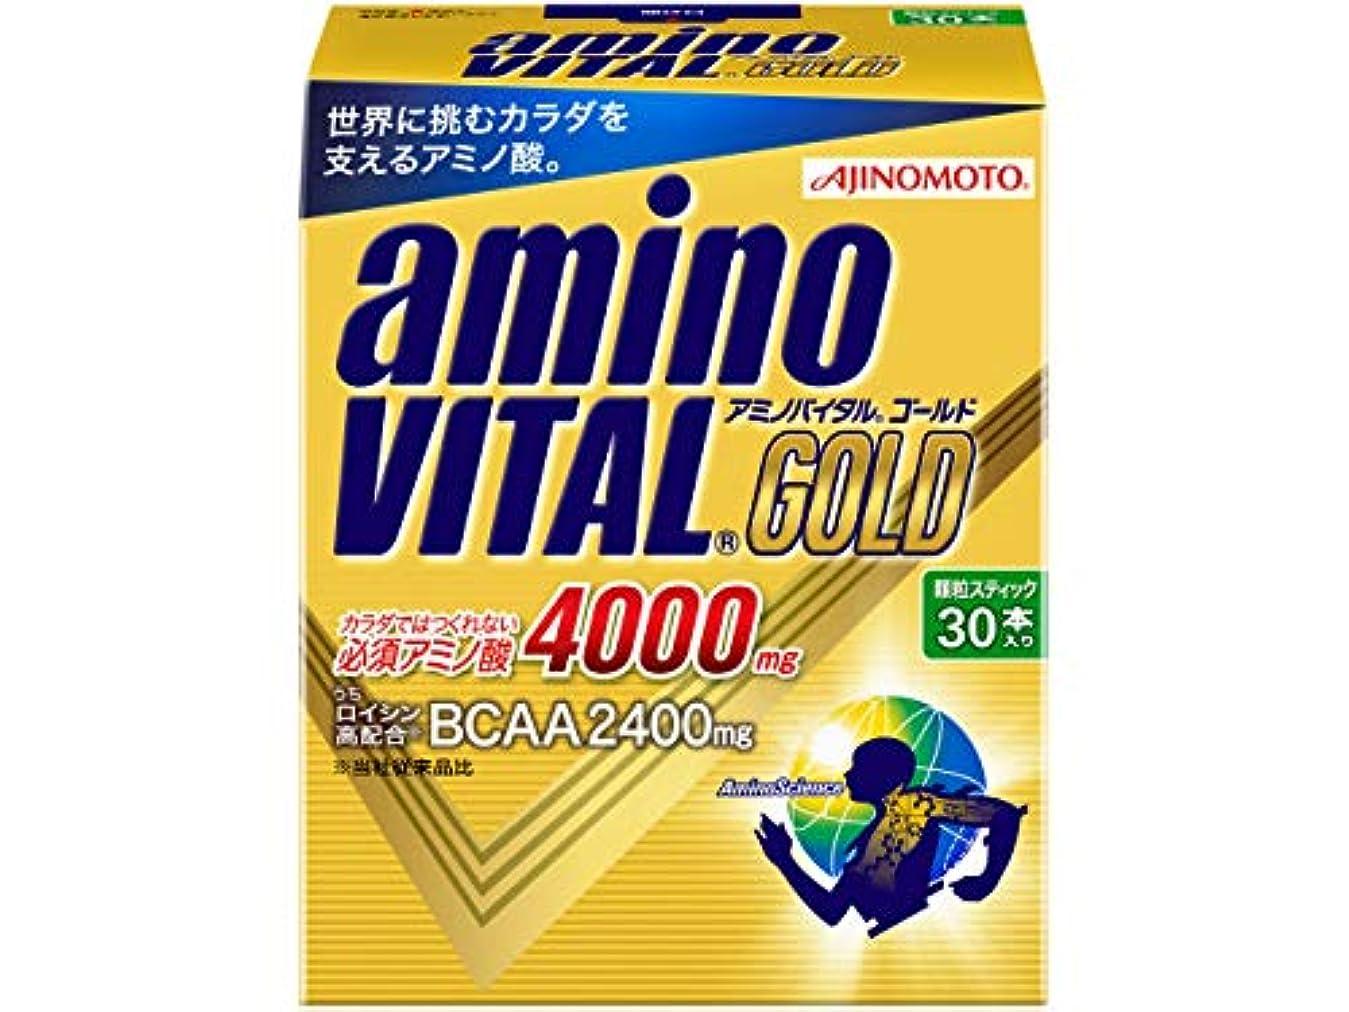 マチュピチュ北米ブリリアントアミノバイタル GOLD 30本入箱